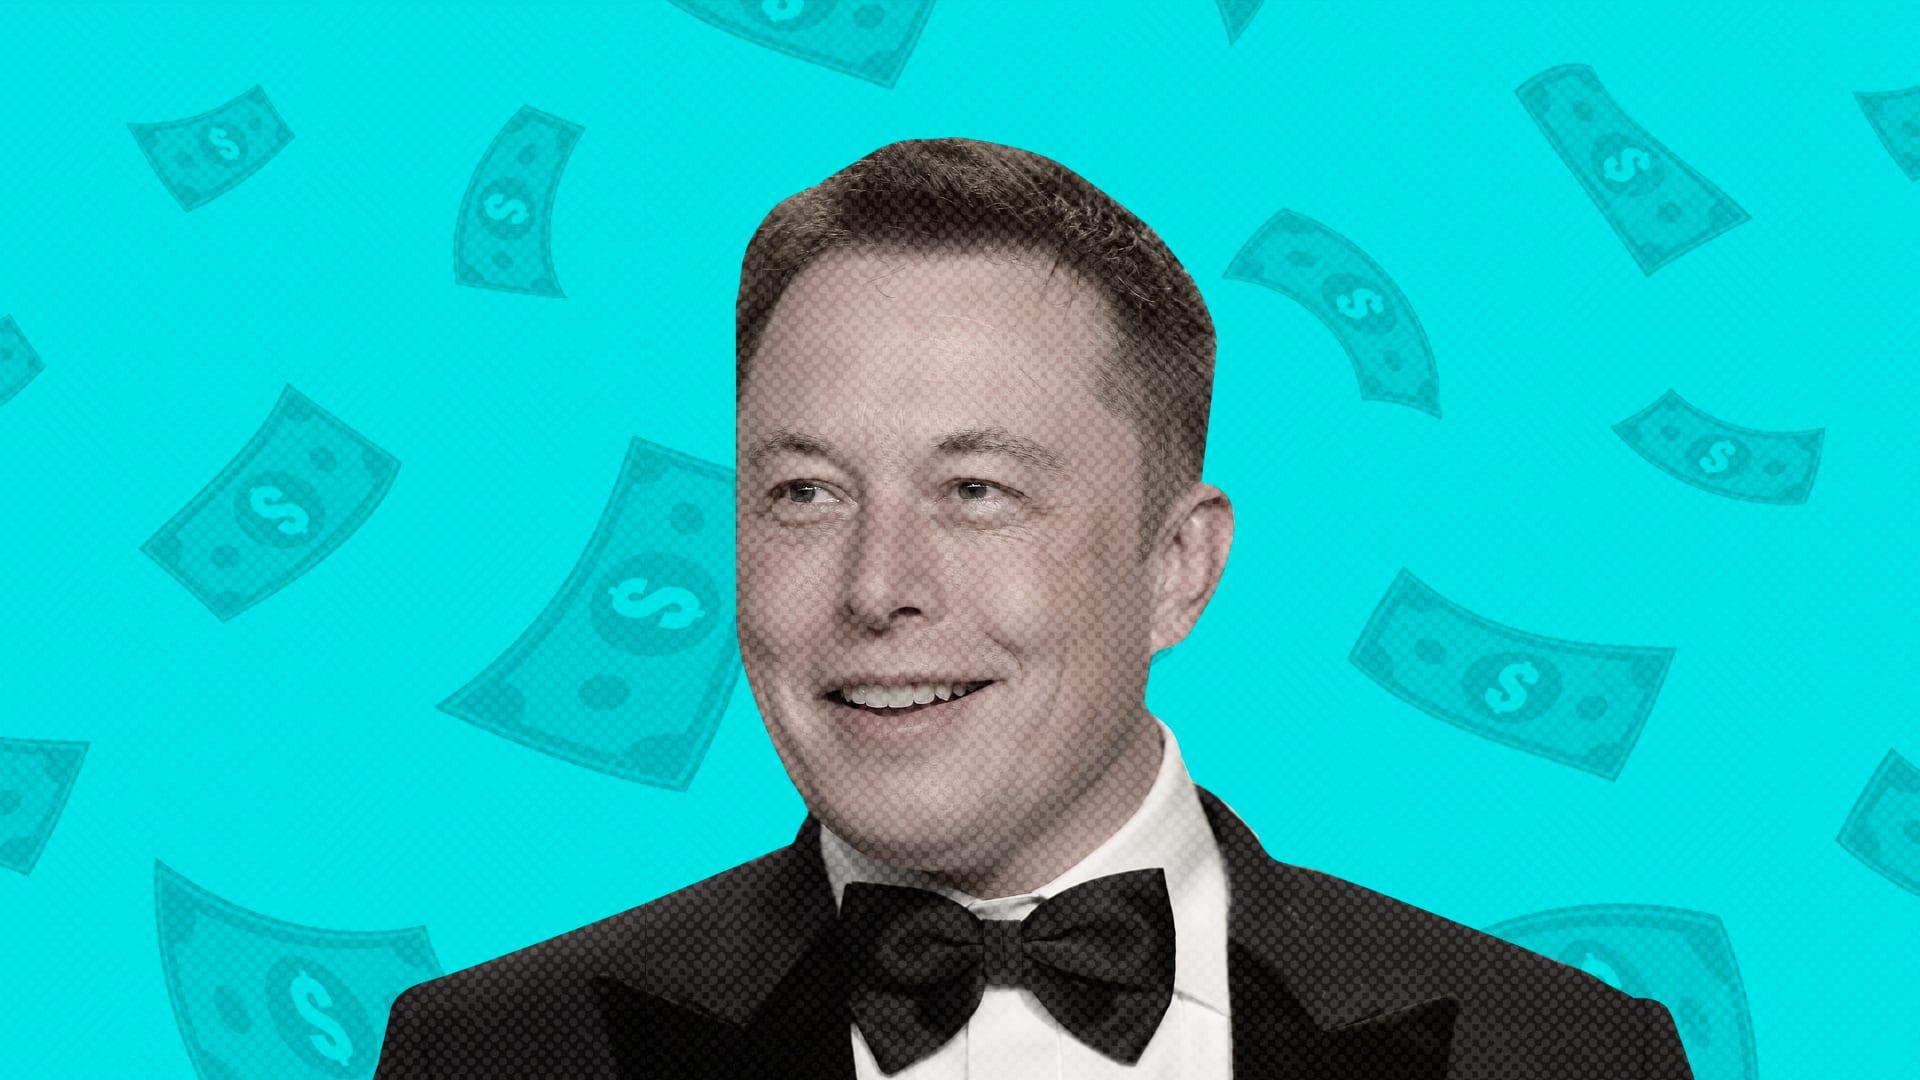 إيلون موسك يتخطى جيف بيزوس ليصبح أغنى شخص في العالم.. إليكم قائمة ترتيب أغنياء العالم